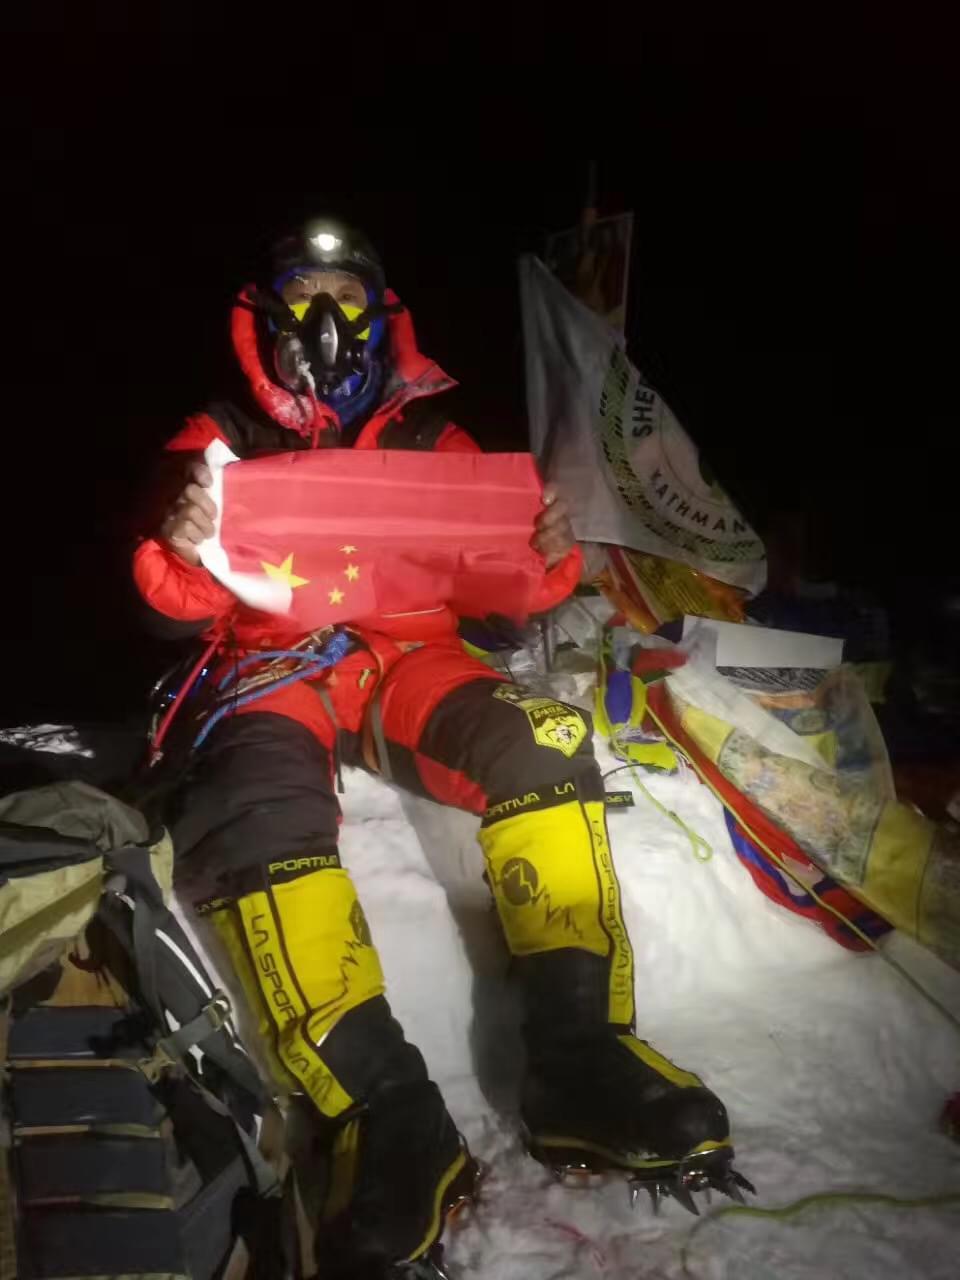 聊聊登顶珠峰的51天 以及被救回一条命的夏尔巴